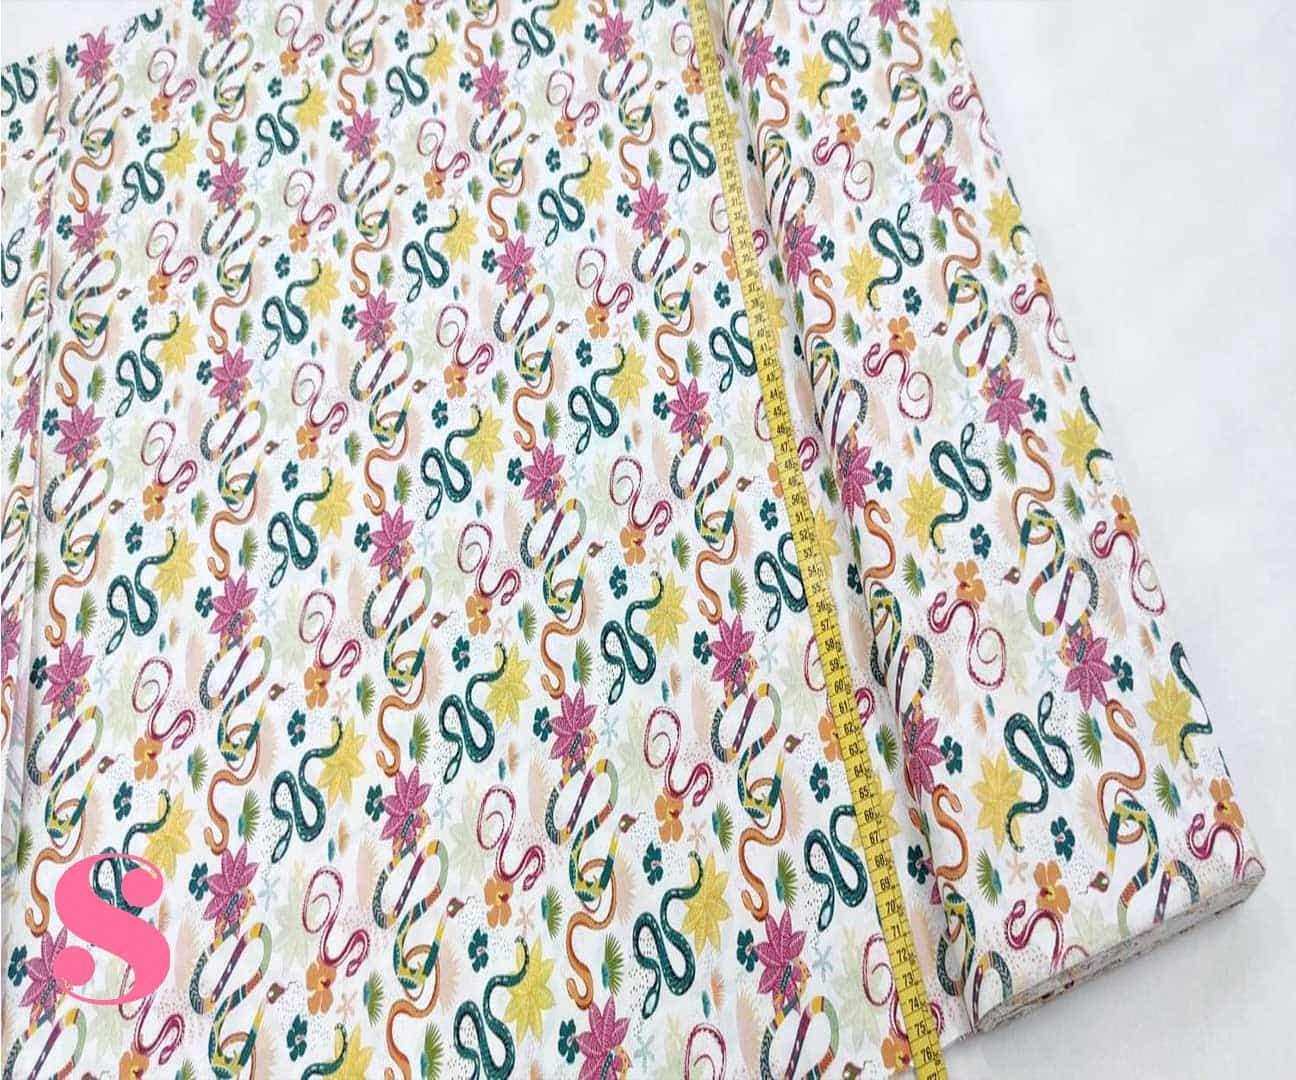 188-flores-serpiente-mosaico-estampado-patchwork-tejidos-algodon-popelin,Pachtwork Flores con Serpientes